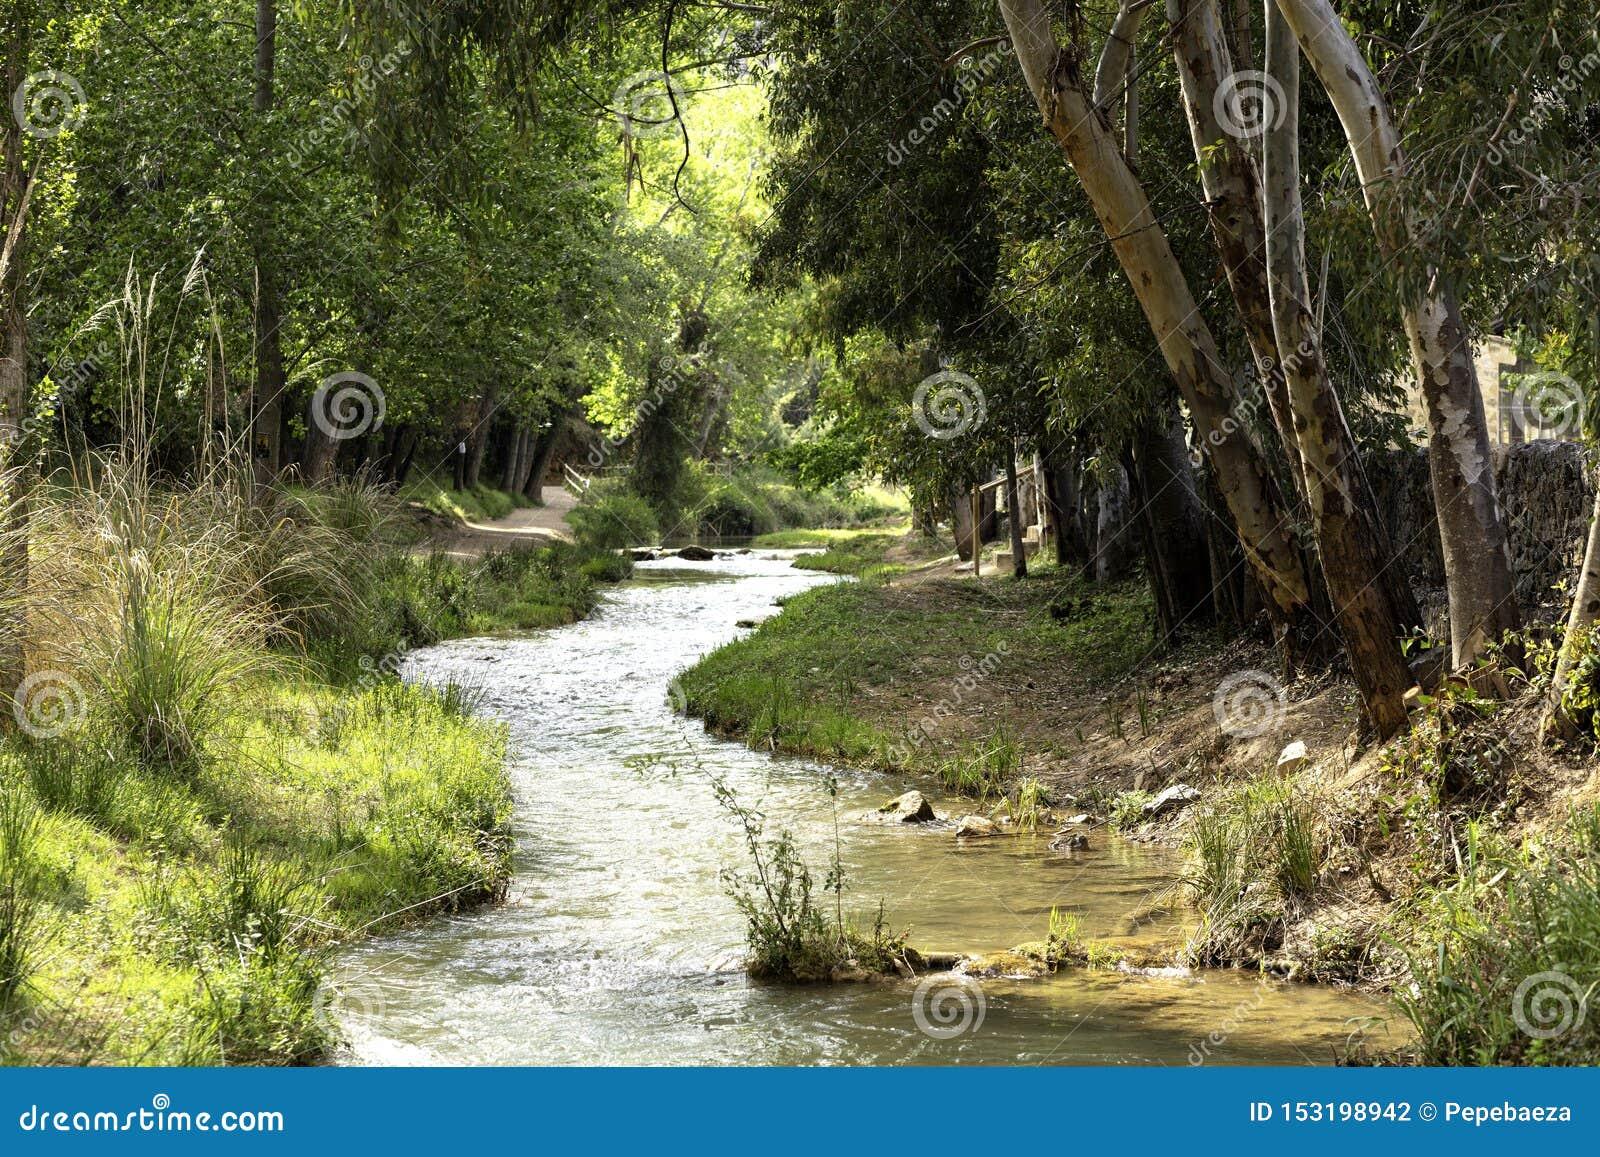 有河流动的水路线